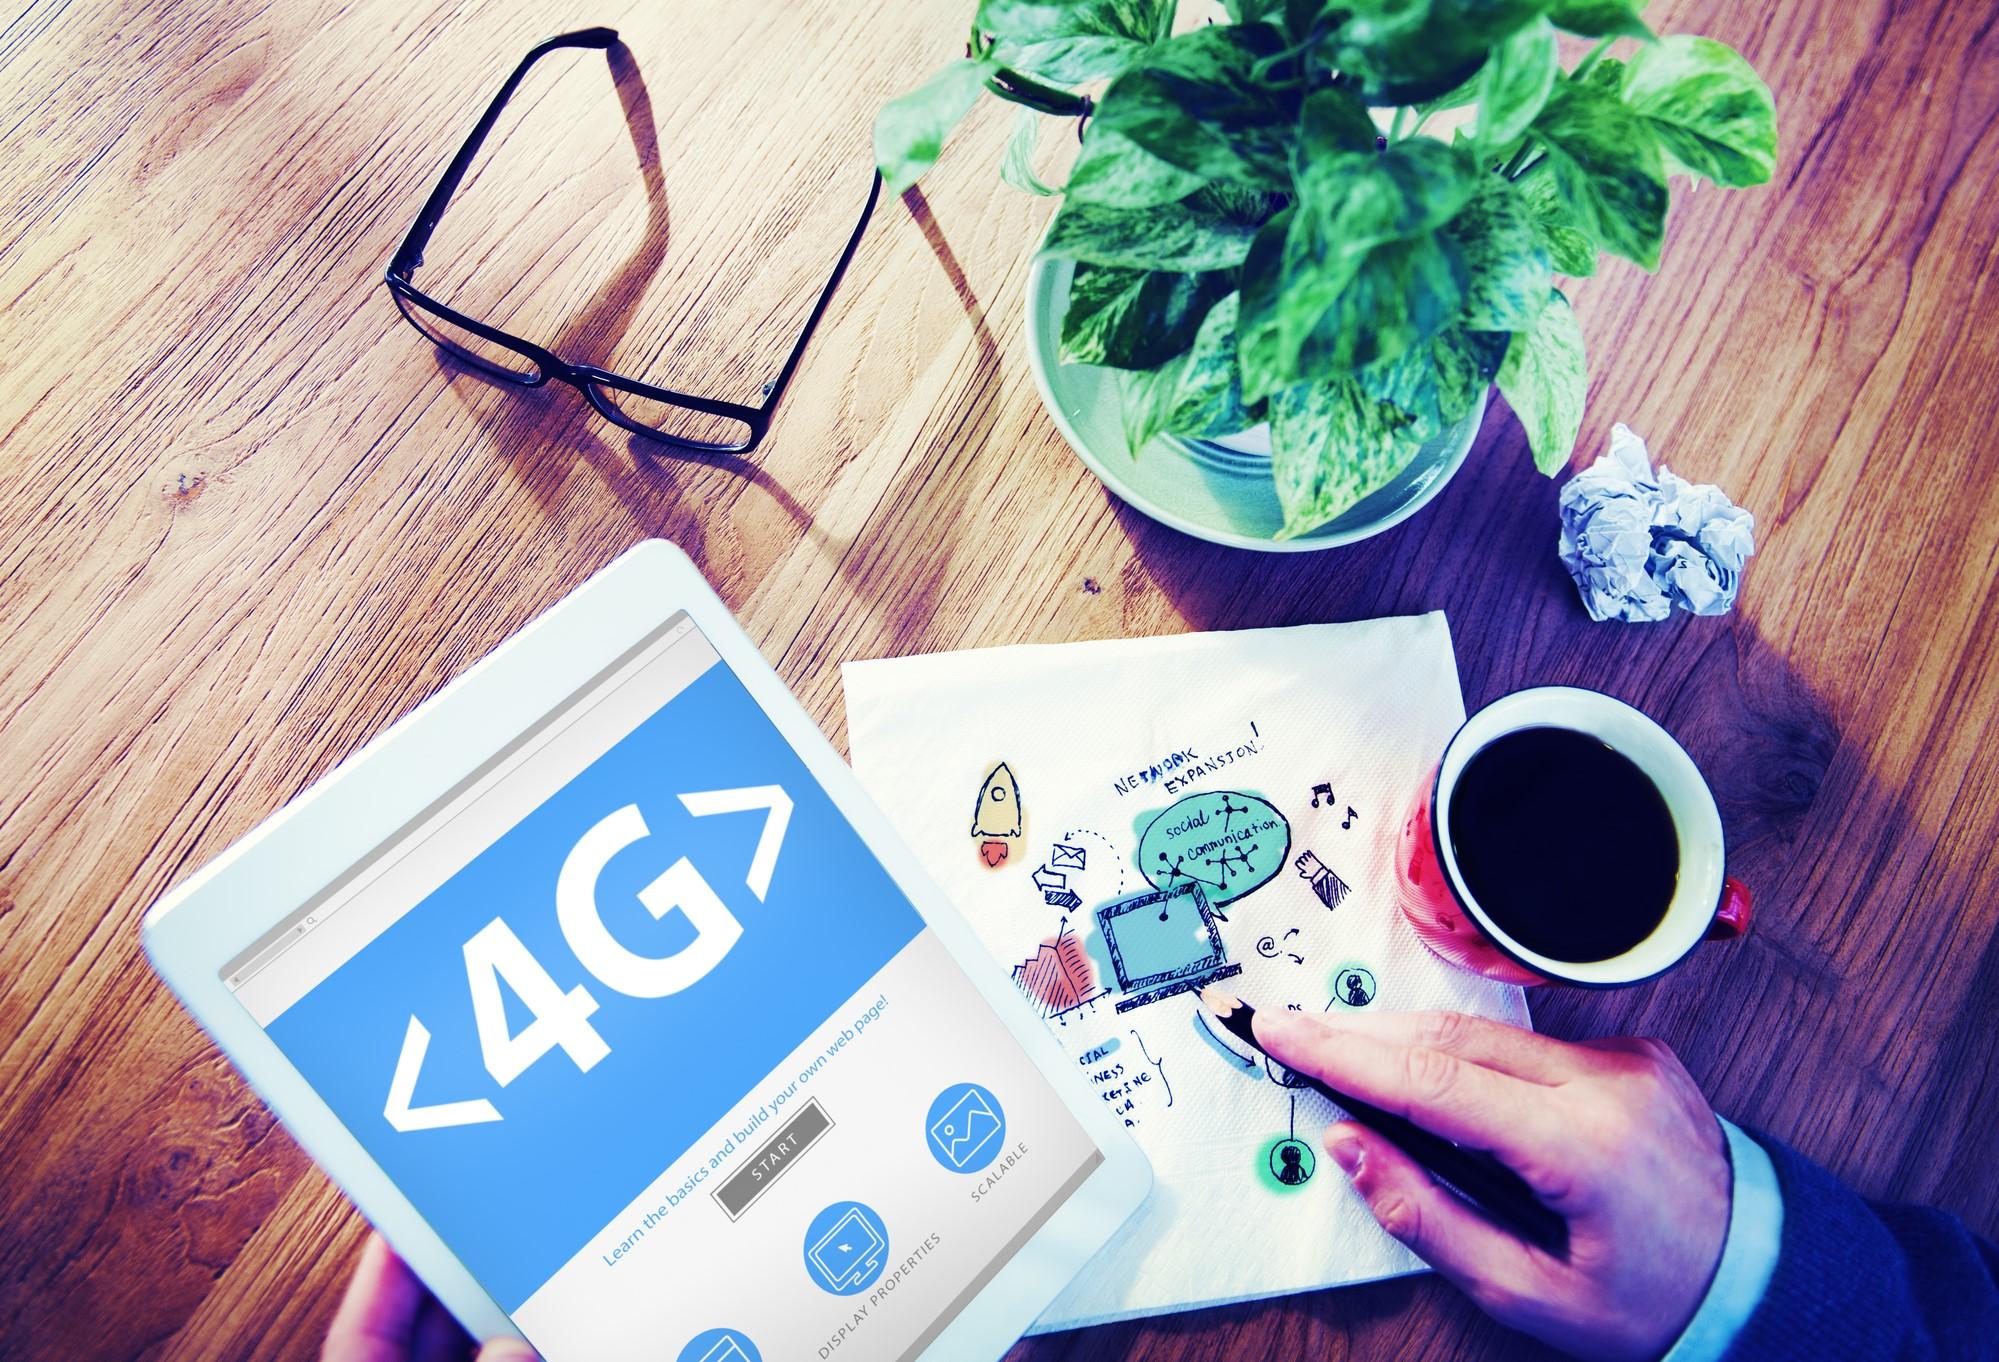 4G в Україні прийде швидше із частотою 1800 МГц